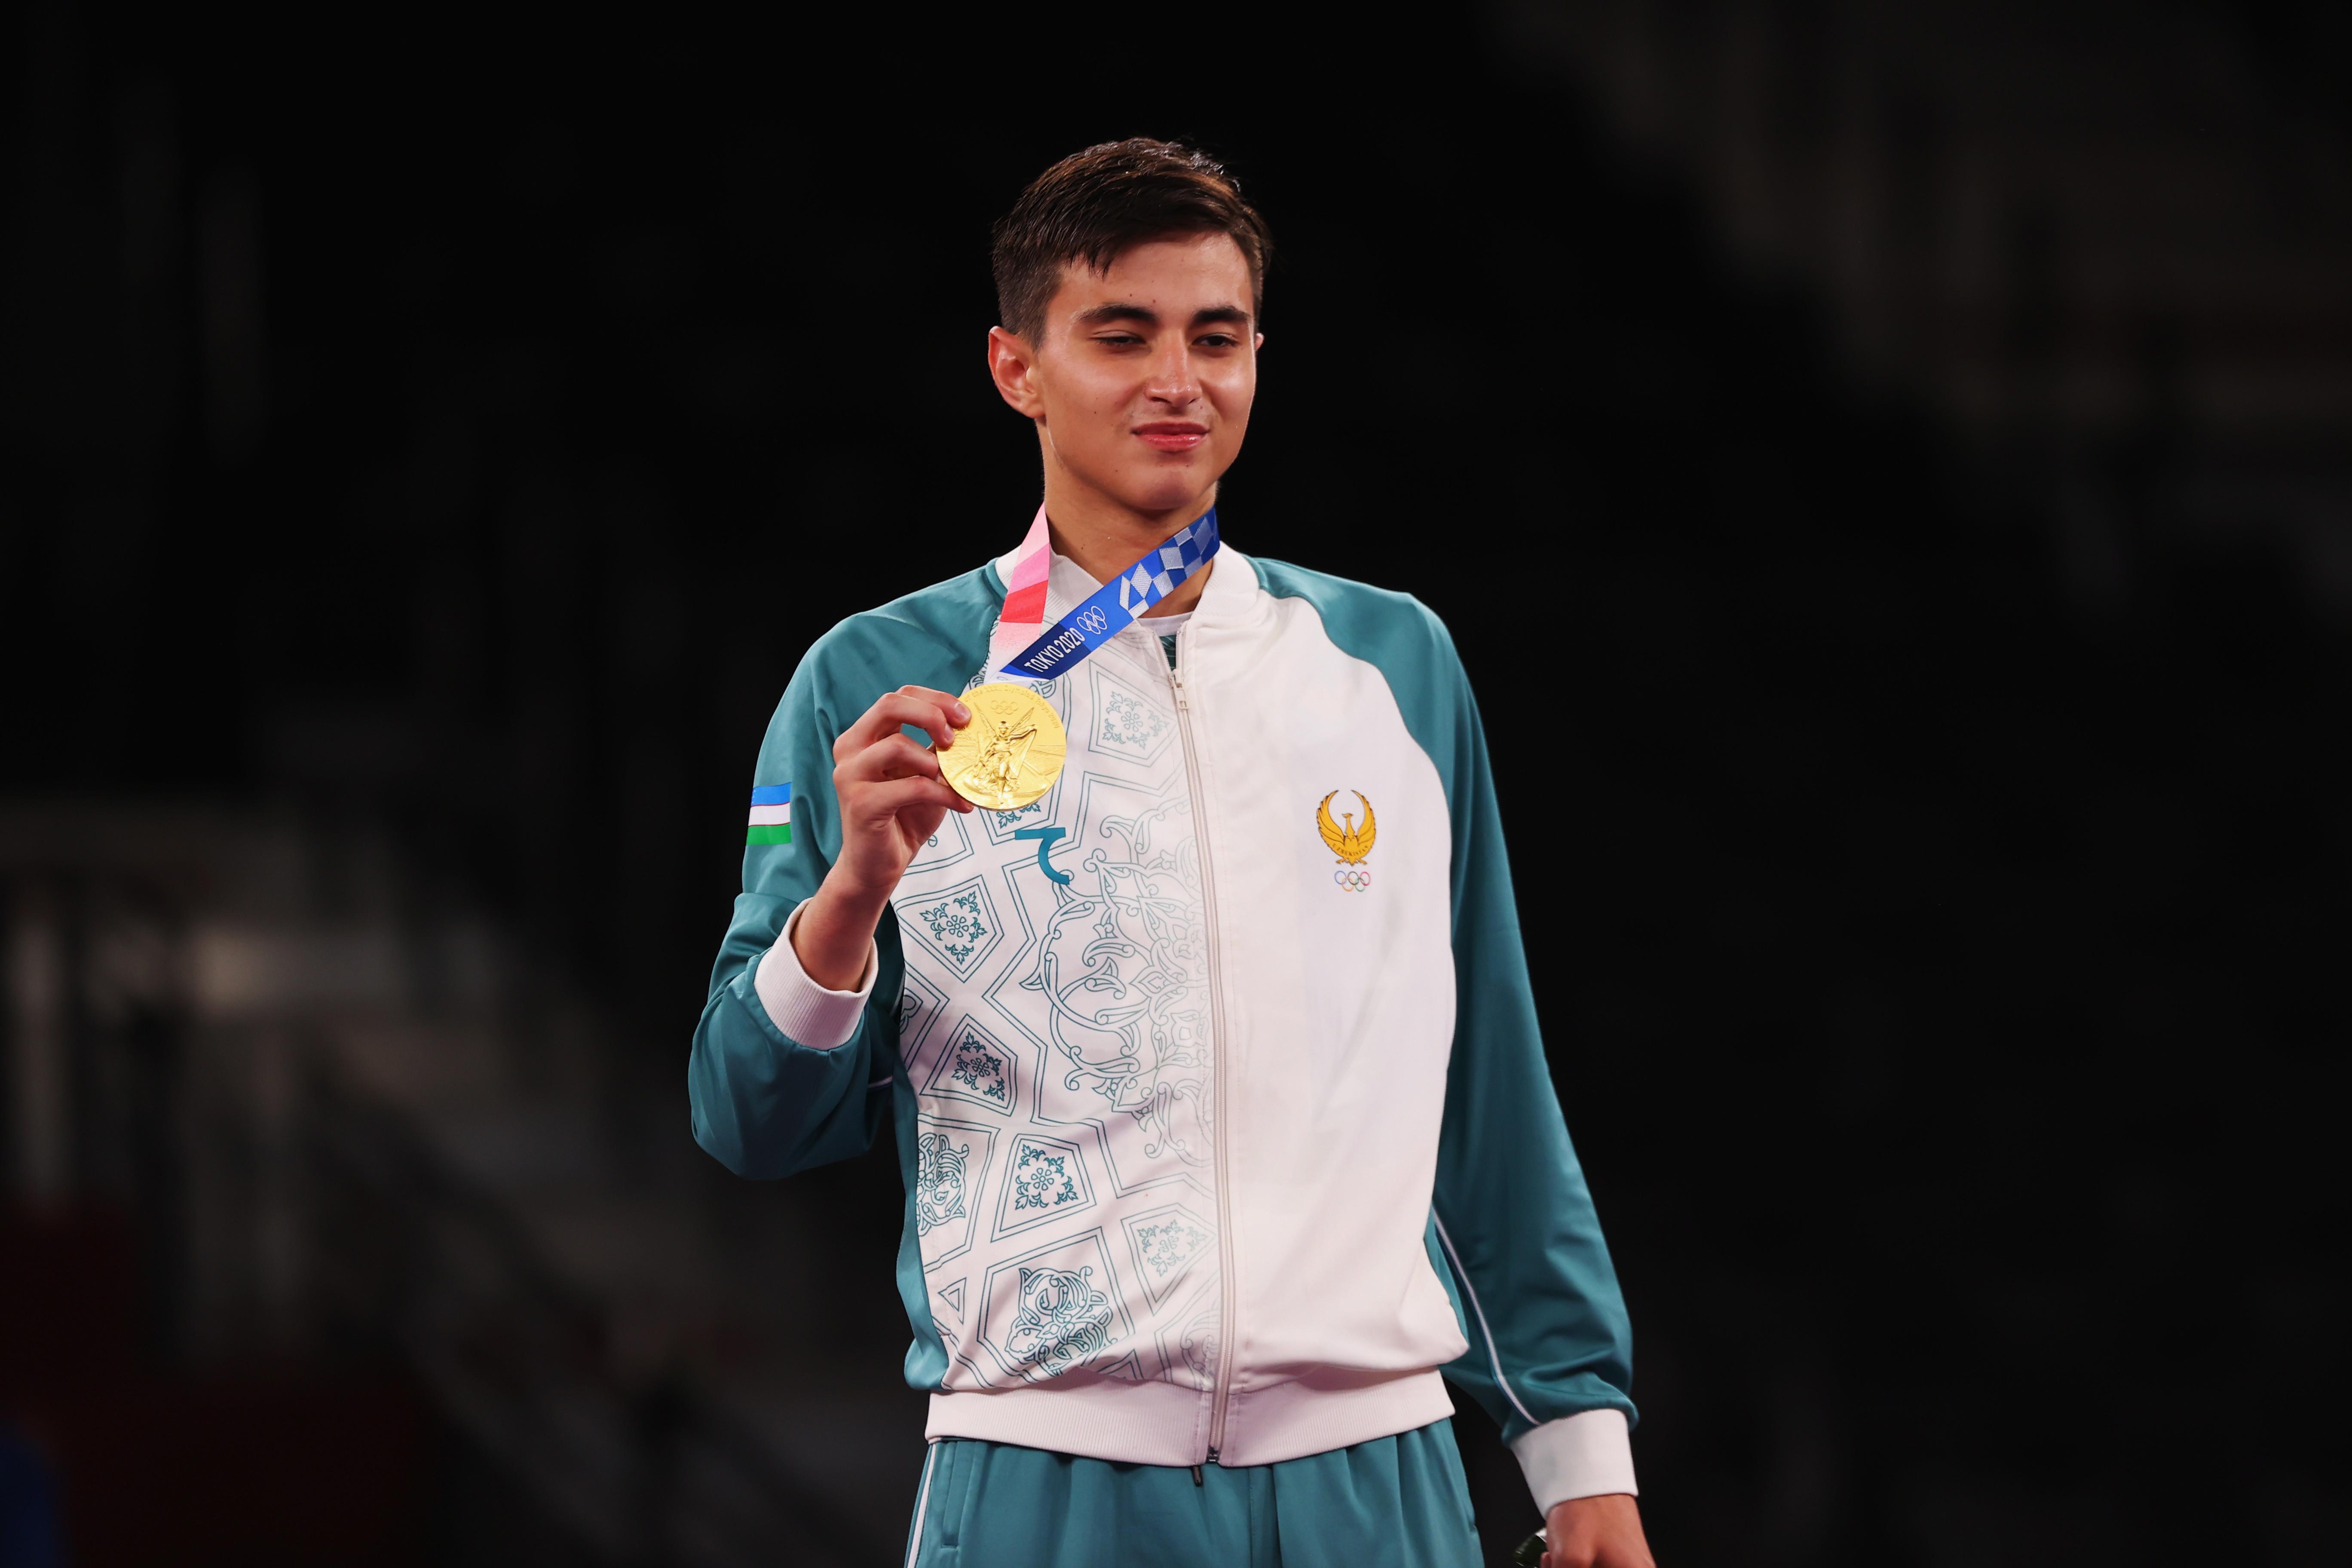 ▲▼烏茲別克跆拳道選手拉希托夫奪下金牌,為該國跆拳道史上的首面獎牌。(圖/路透社)